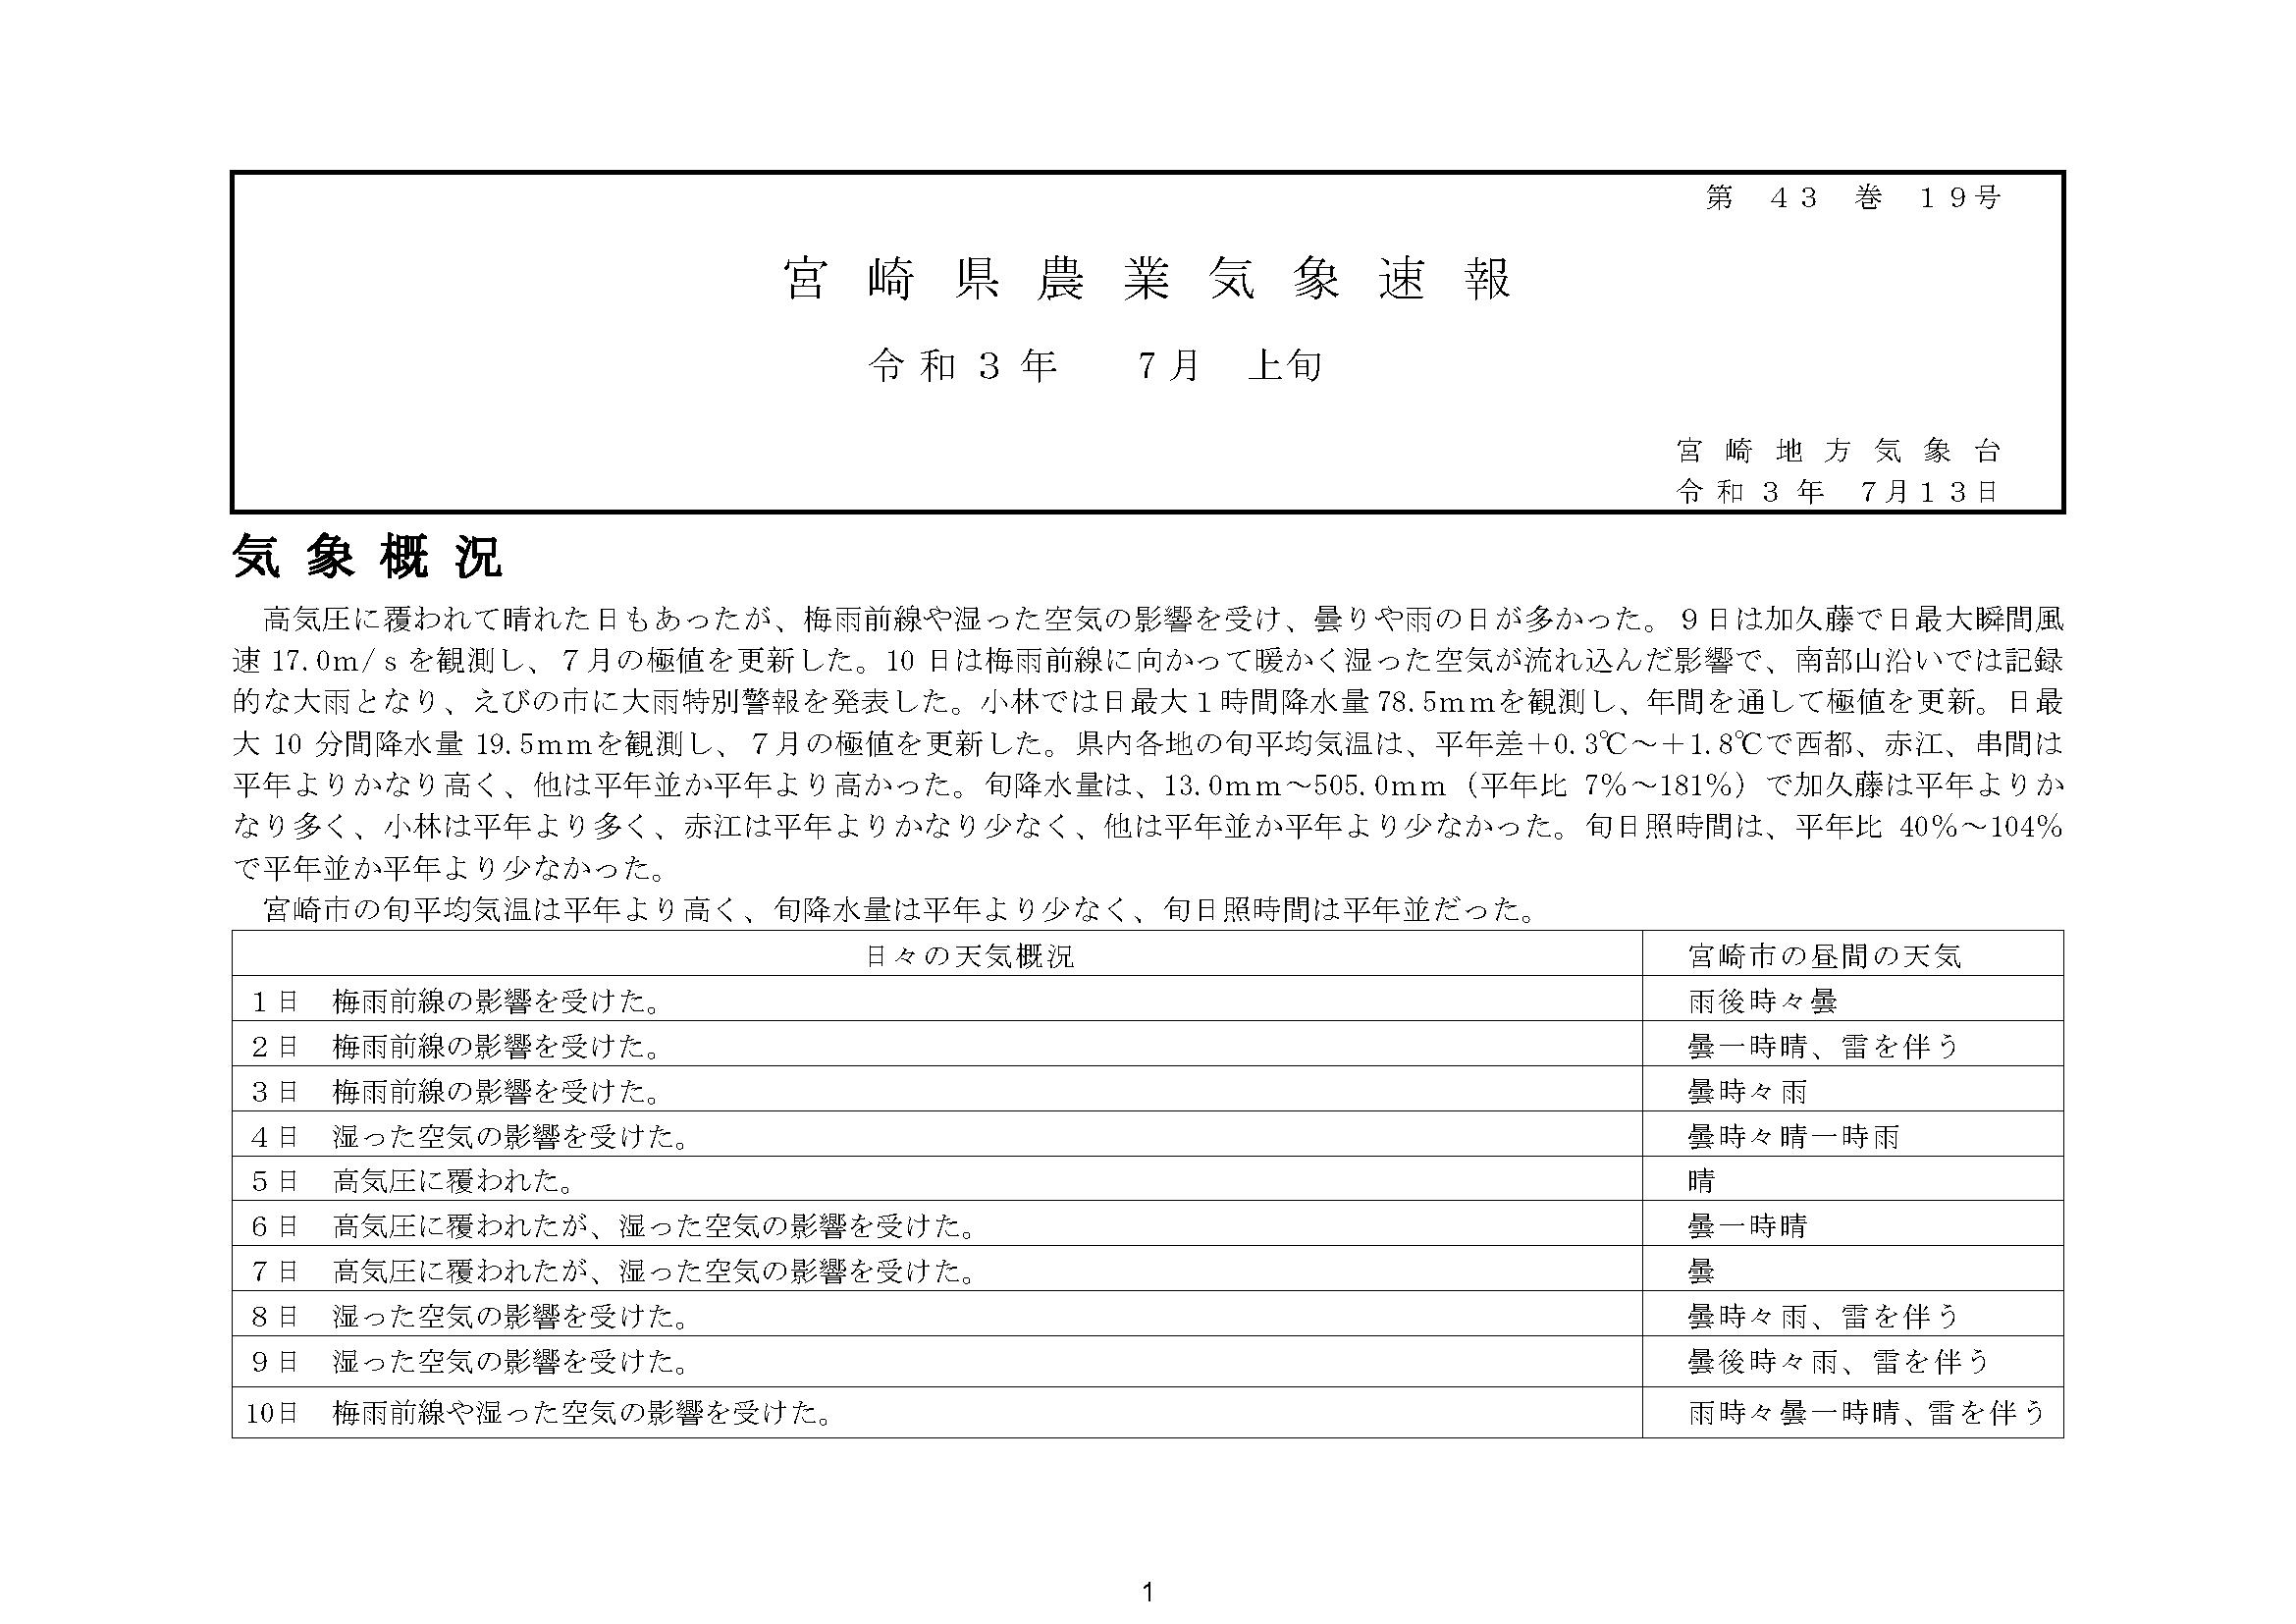 宮崎県農業気象速報令和3年7月上旬PDF